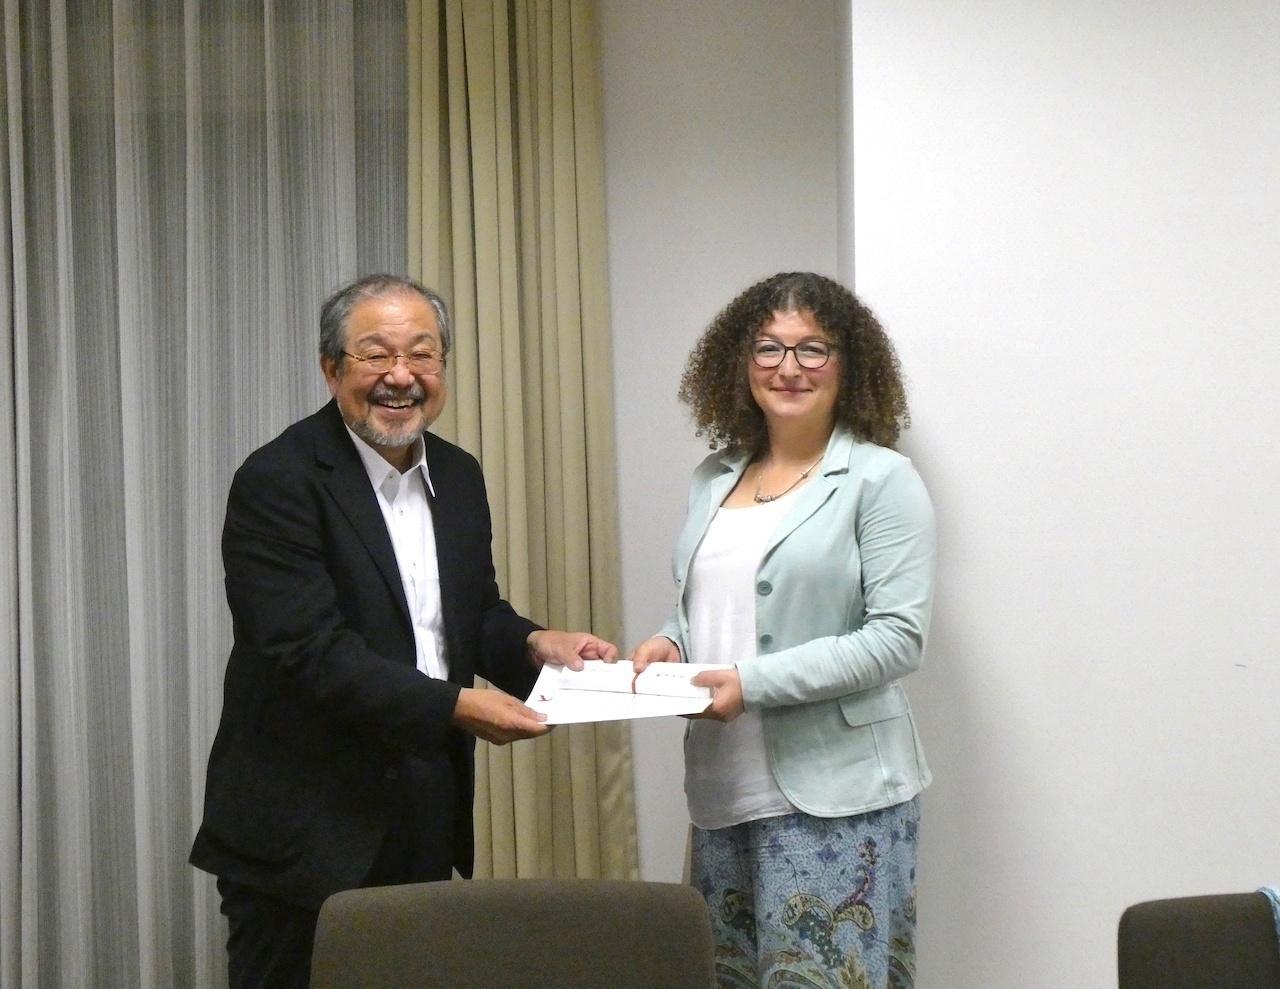 石塚伸一教授(本学法学部・犯罪学研究センター長)から記念品の贈呈も